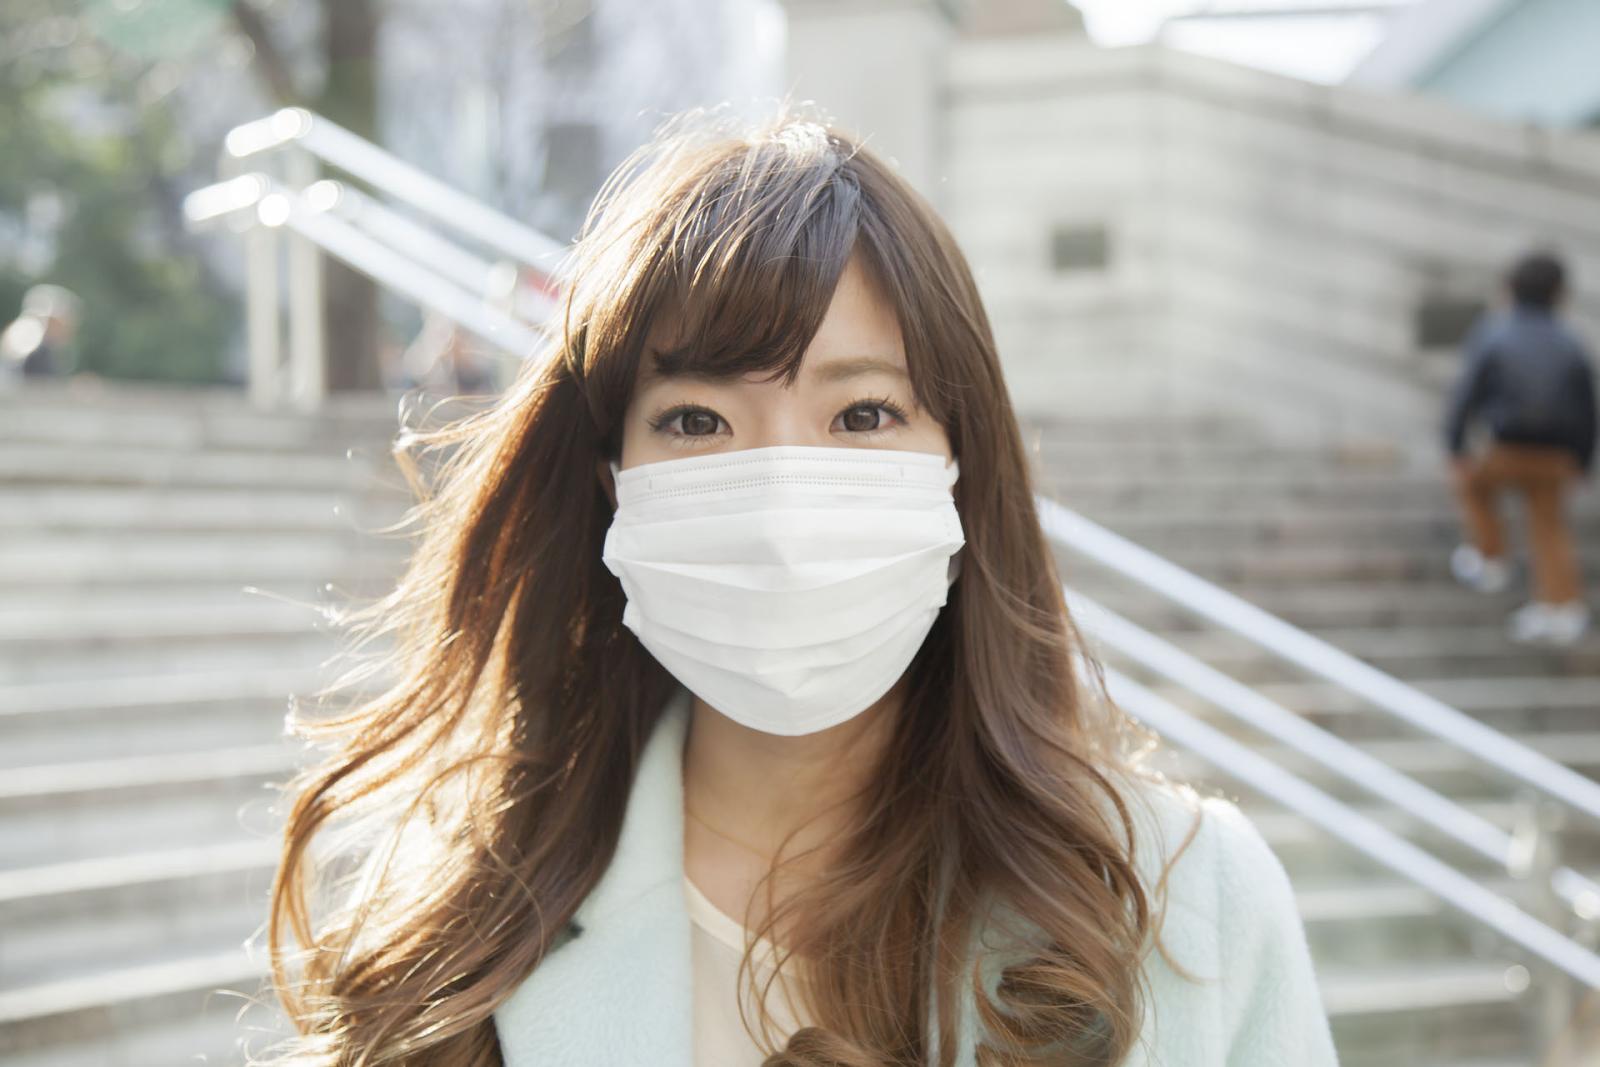 Dịch cúm đang có nguy cơ lan mạnh, Bộ Y tế cảnh báo người dân nên chủ động thực hiện các biện pháp phòng chống - Ảnh 3.